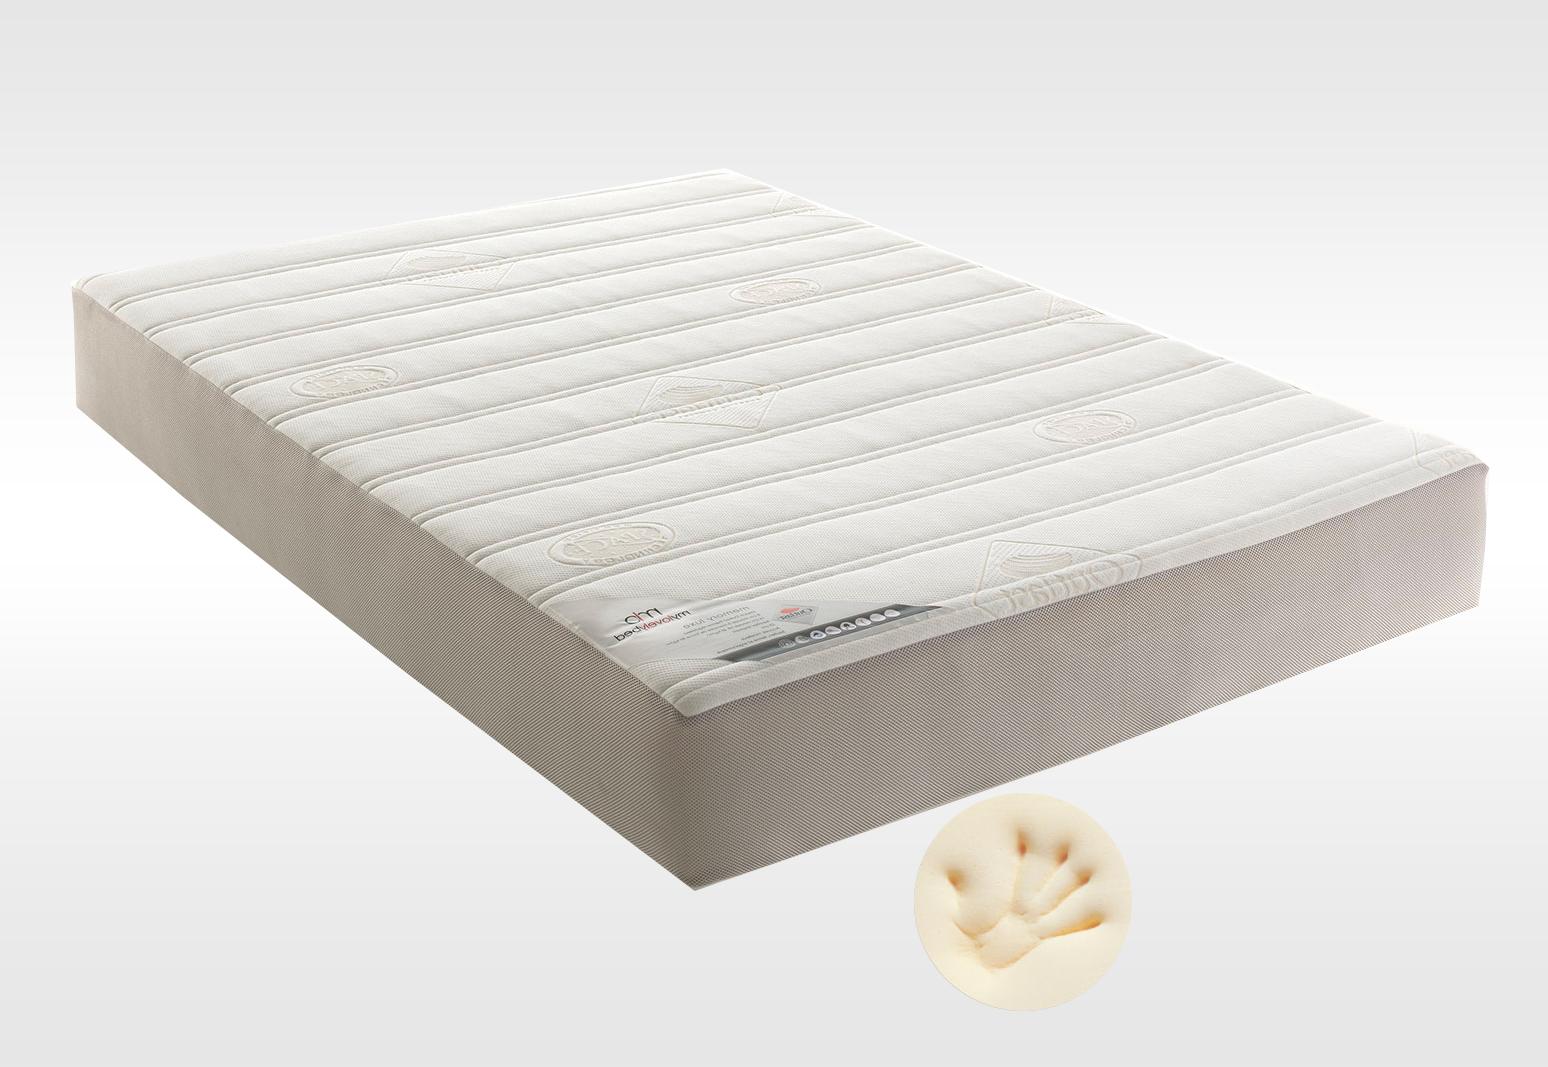 Superb Matelas Memoire De Forme 80X200 #5: Matelas Memoire De Forme Lovely Bed MEMORY TOUCH RELAX 80x200 (1 Pers) ...